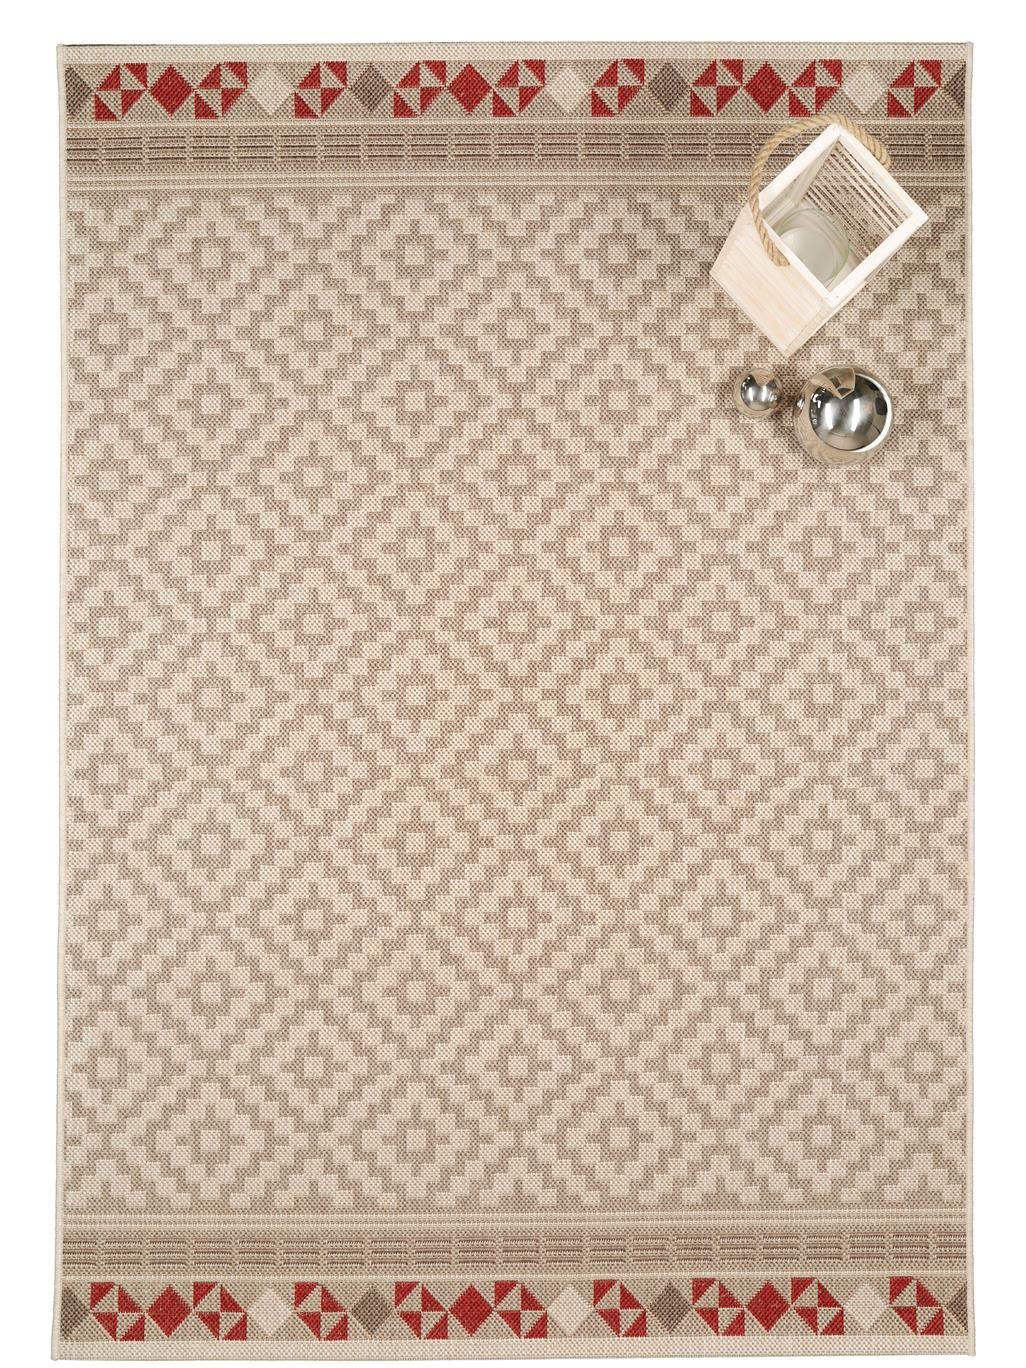 in outdoor teppich capri geometrisch braun ethno style teppiche pinterest. Black Bedroom Furniture Sets. Home Design Ideas